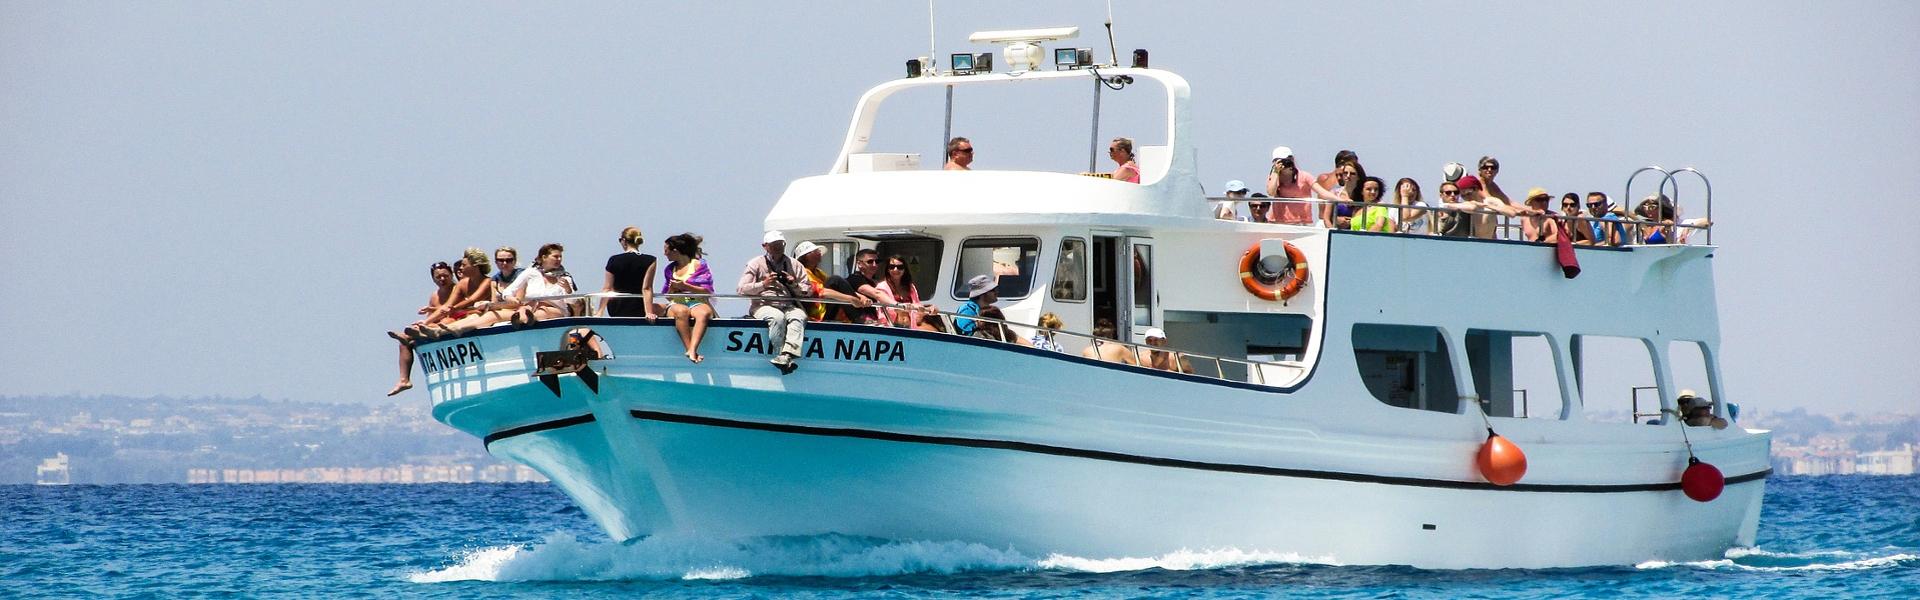 Fiestas en barco. Fiestas en barco en Oporto, Lisboa, Valencia, Gijón y Alicante. Fiesta en velero y yate en España y Portugal